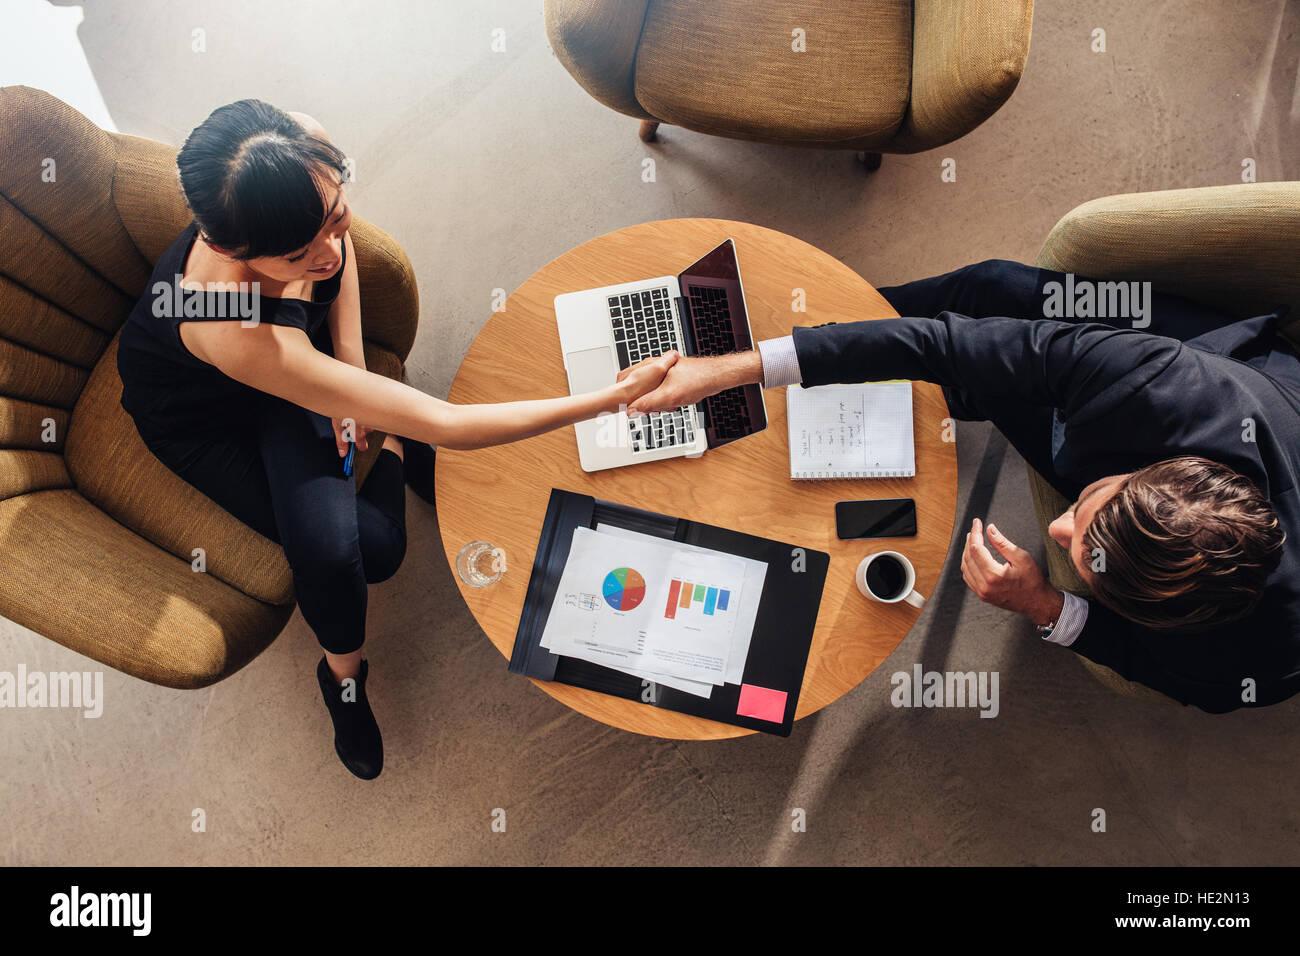 Draufsicht der jungen Geschäftspartner Händeschütteln auf Deal im Büro. Dokumente und Laptop Stockbild